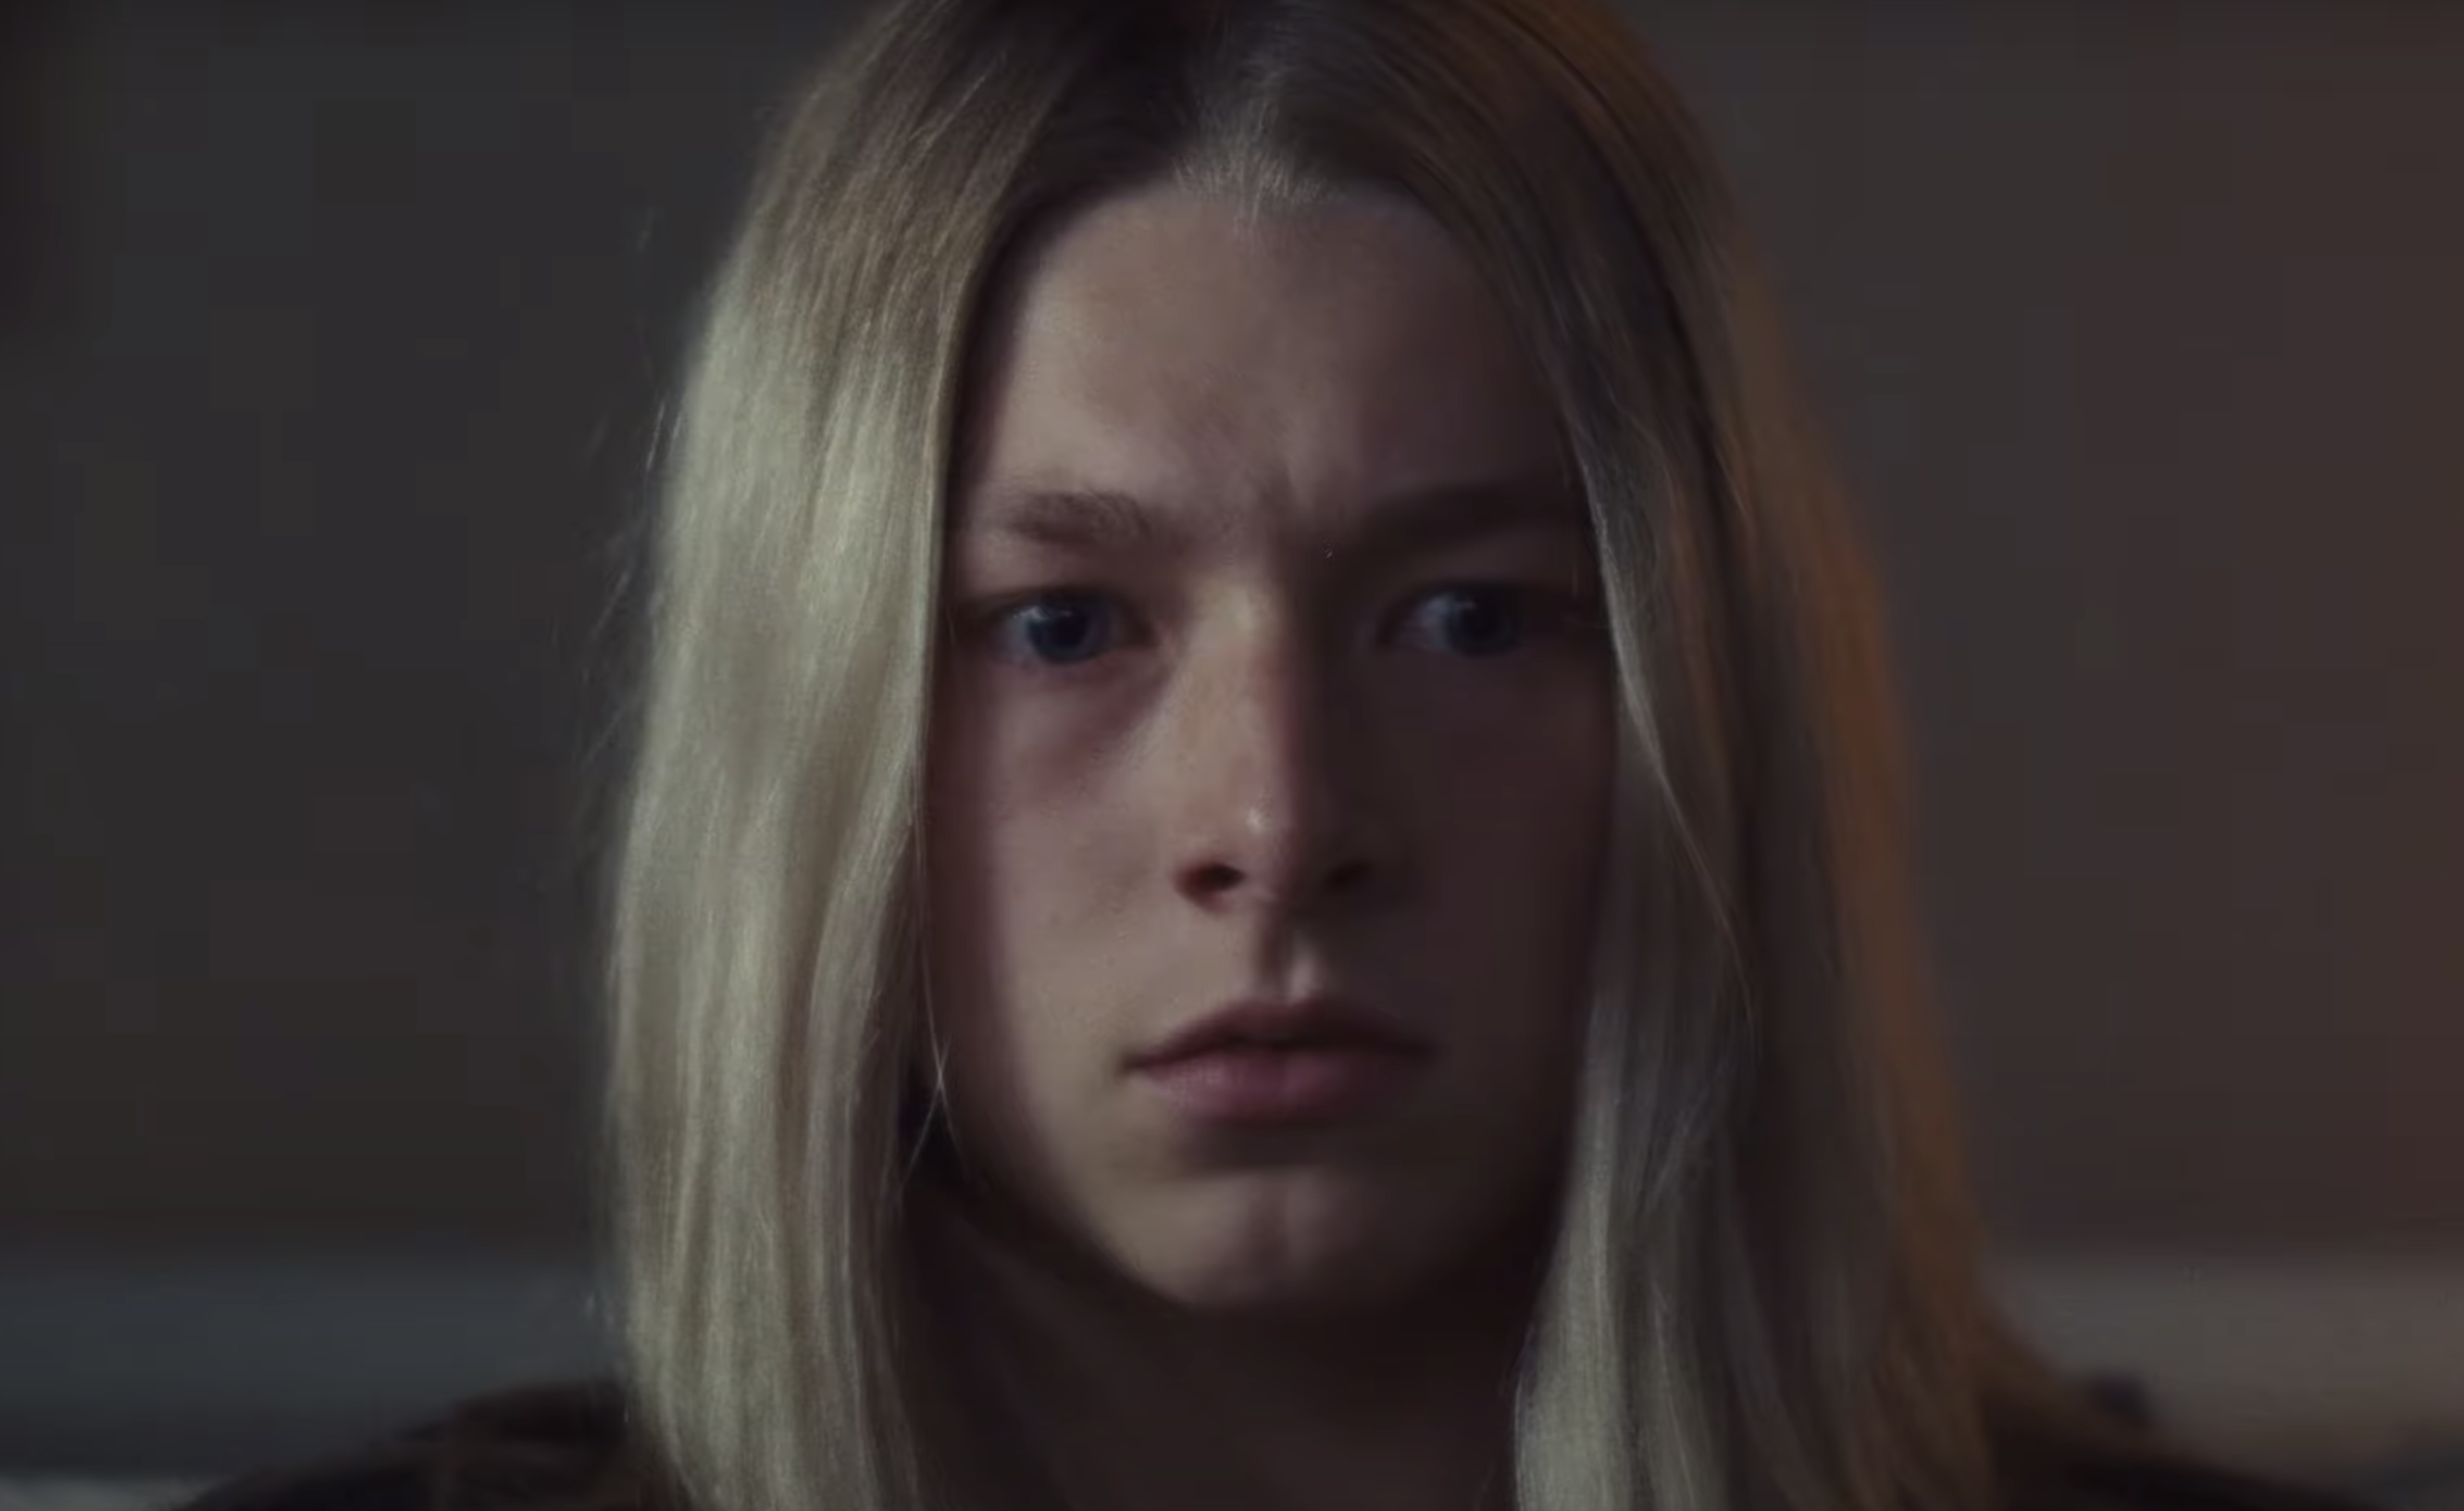 Cena da série Euphoria. Na imagem há o rosto da personagem Jules. Ela é uma mulher branca de cabelos loiros e olhos azuis. Sua expressão mostra medo, confusão e tristeza. O fundo da imagem é uma parede bege desfocada.